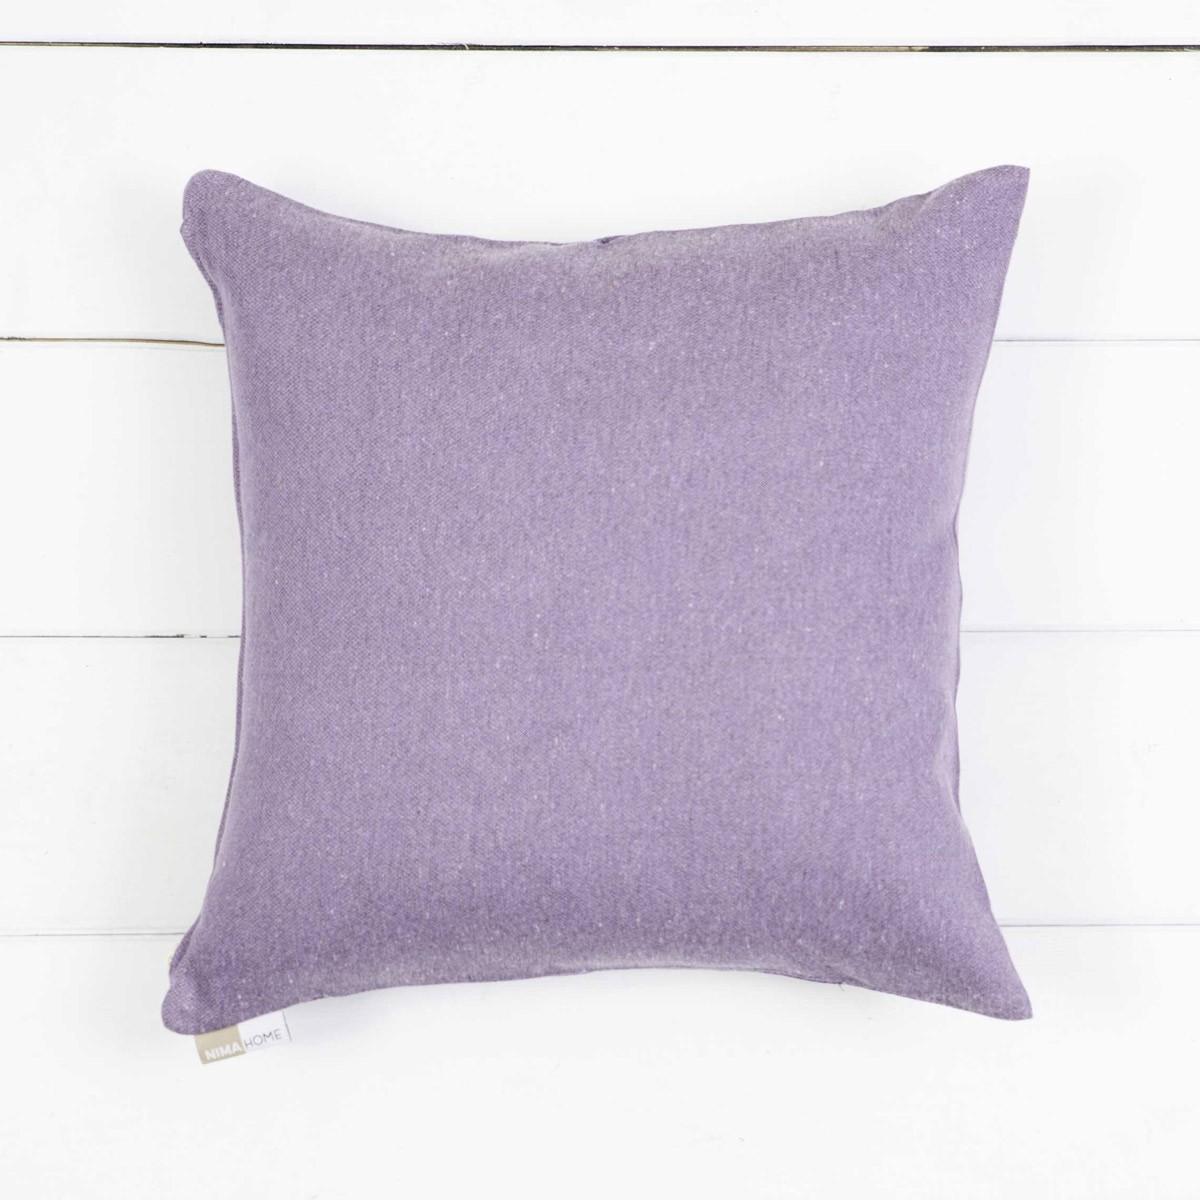 Διακοσμητική Μαξιλαροθήκη Nima Cushions Moreno Purple